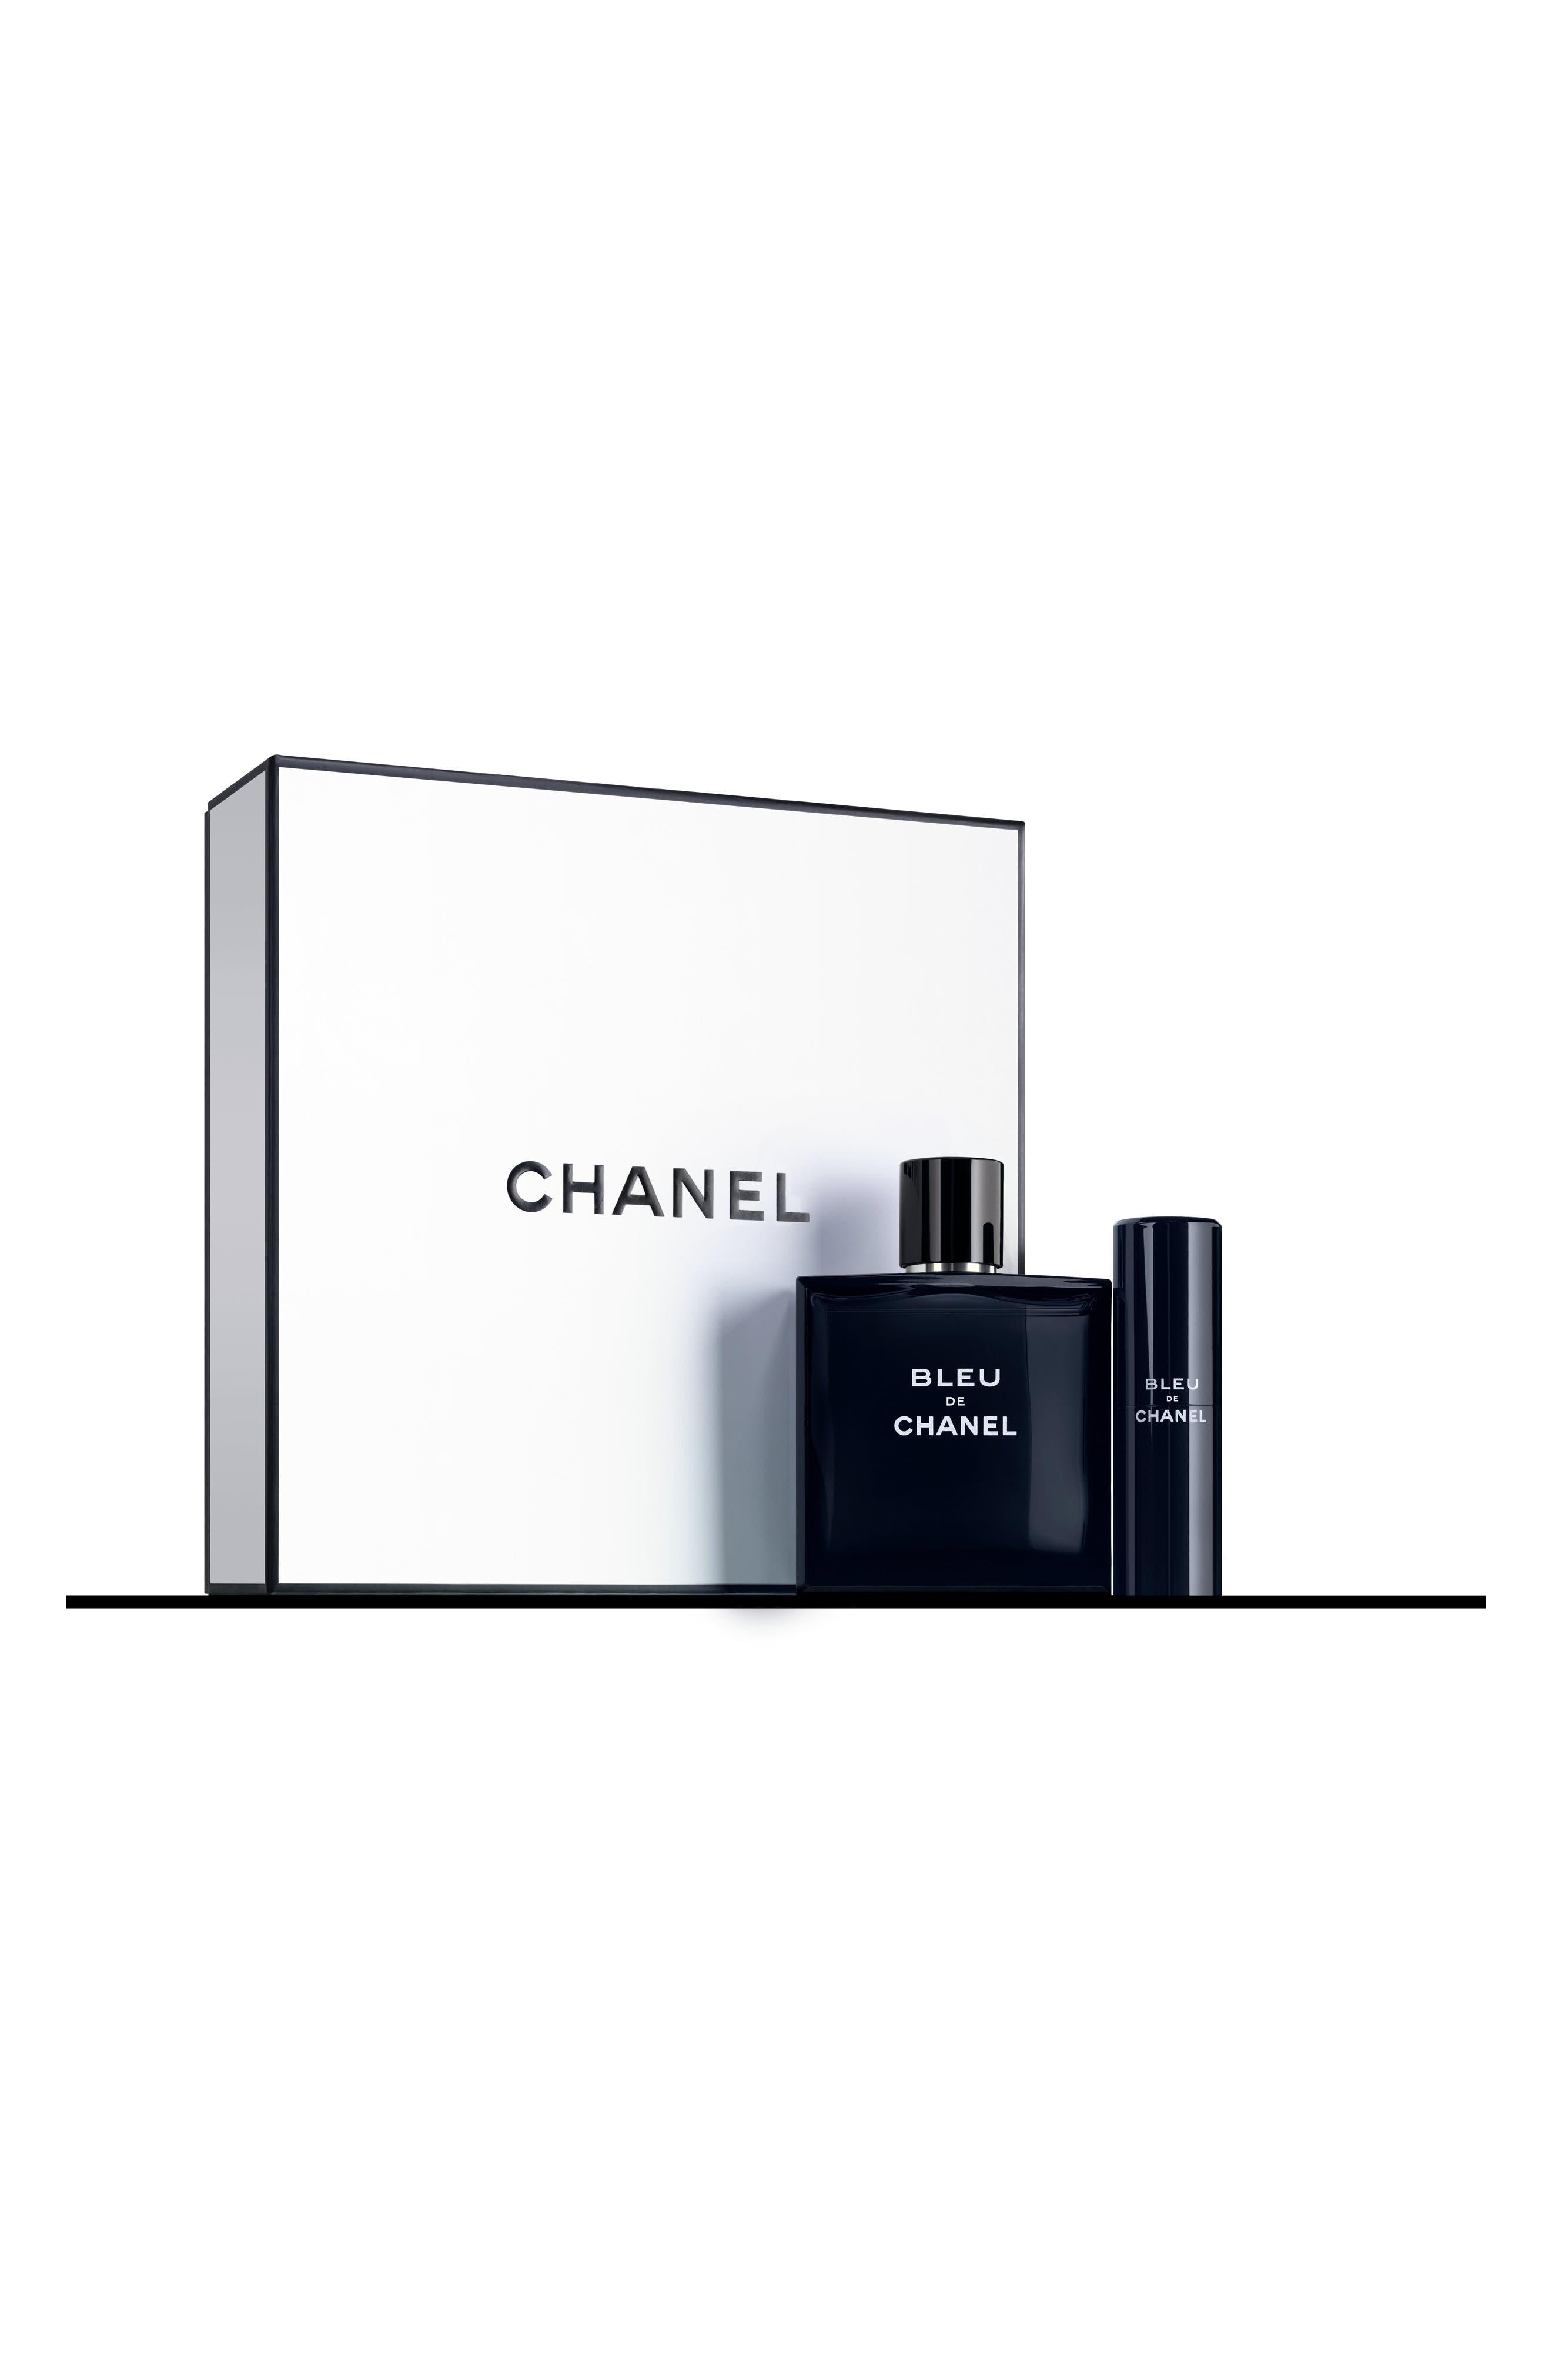 CHANEL BLEU DE CHANEL<br />5oz. Eau de Toilette Travel Spray Set, Main, color, NO COLOR